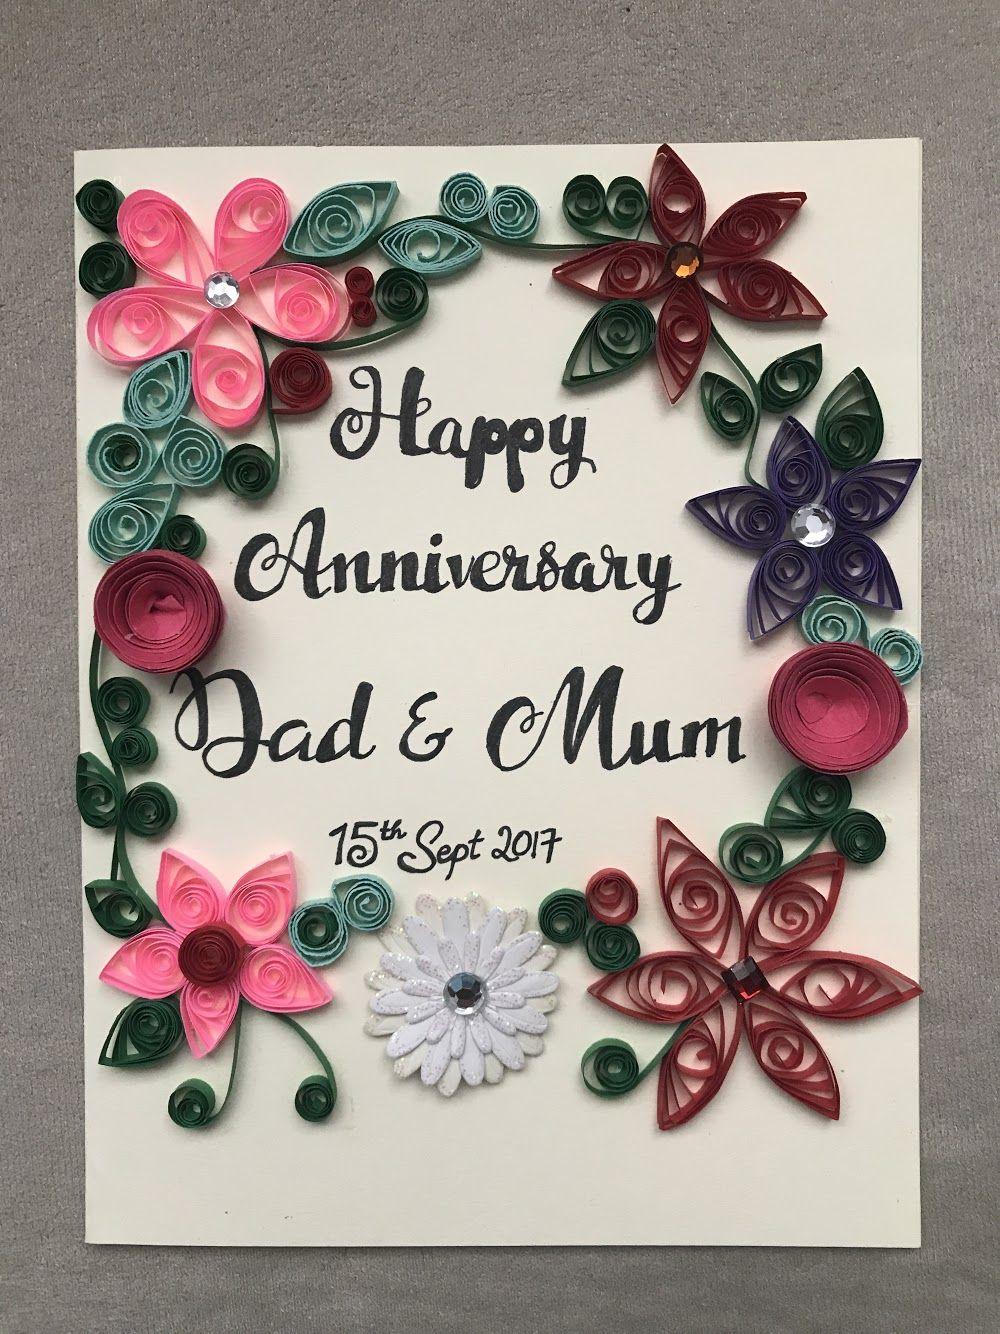 Happy Anniversary Greeting Card Anniversary Cards Handmade Happy Anniversary Cards Diy Anniversary Gift